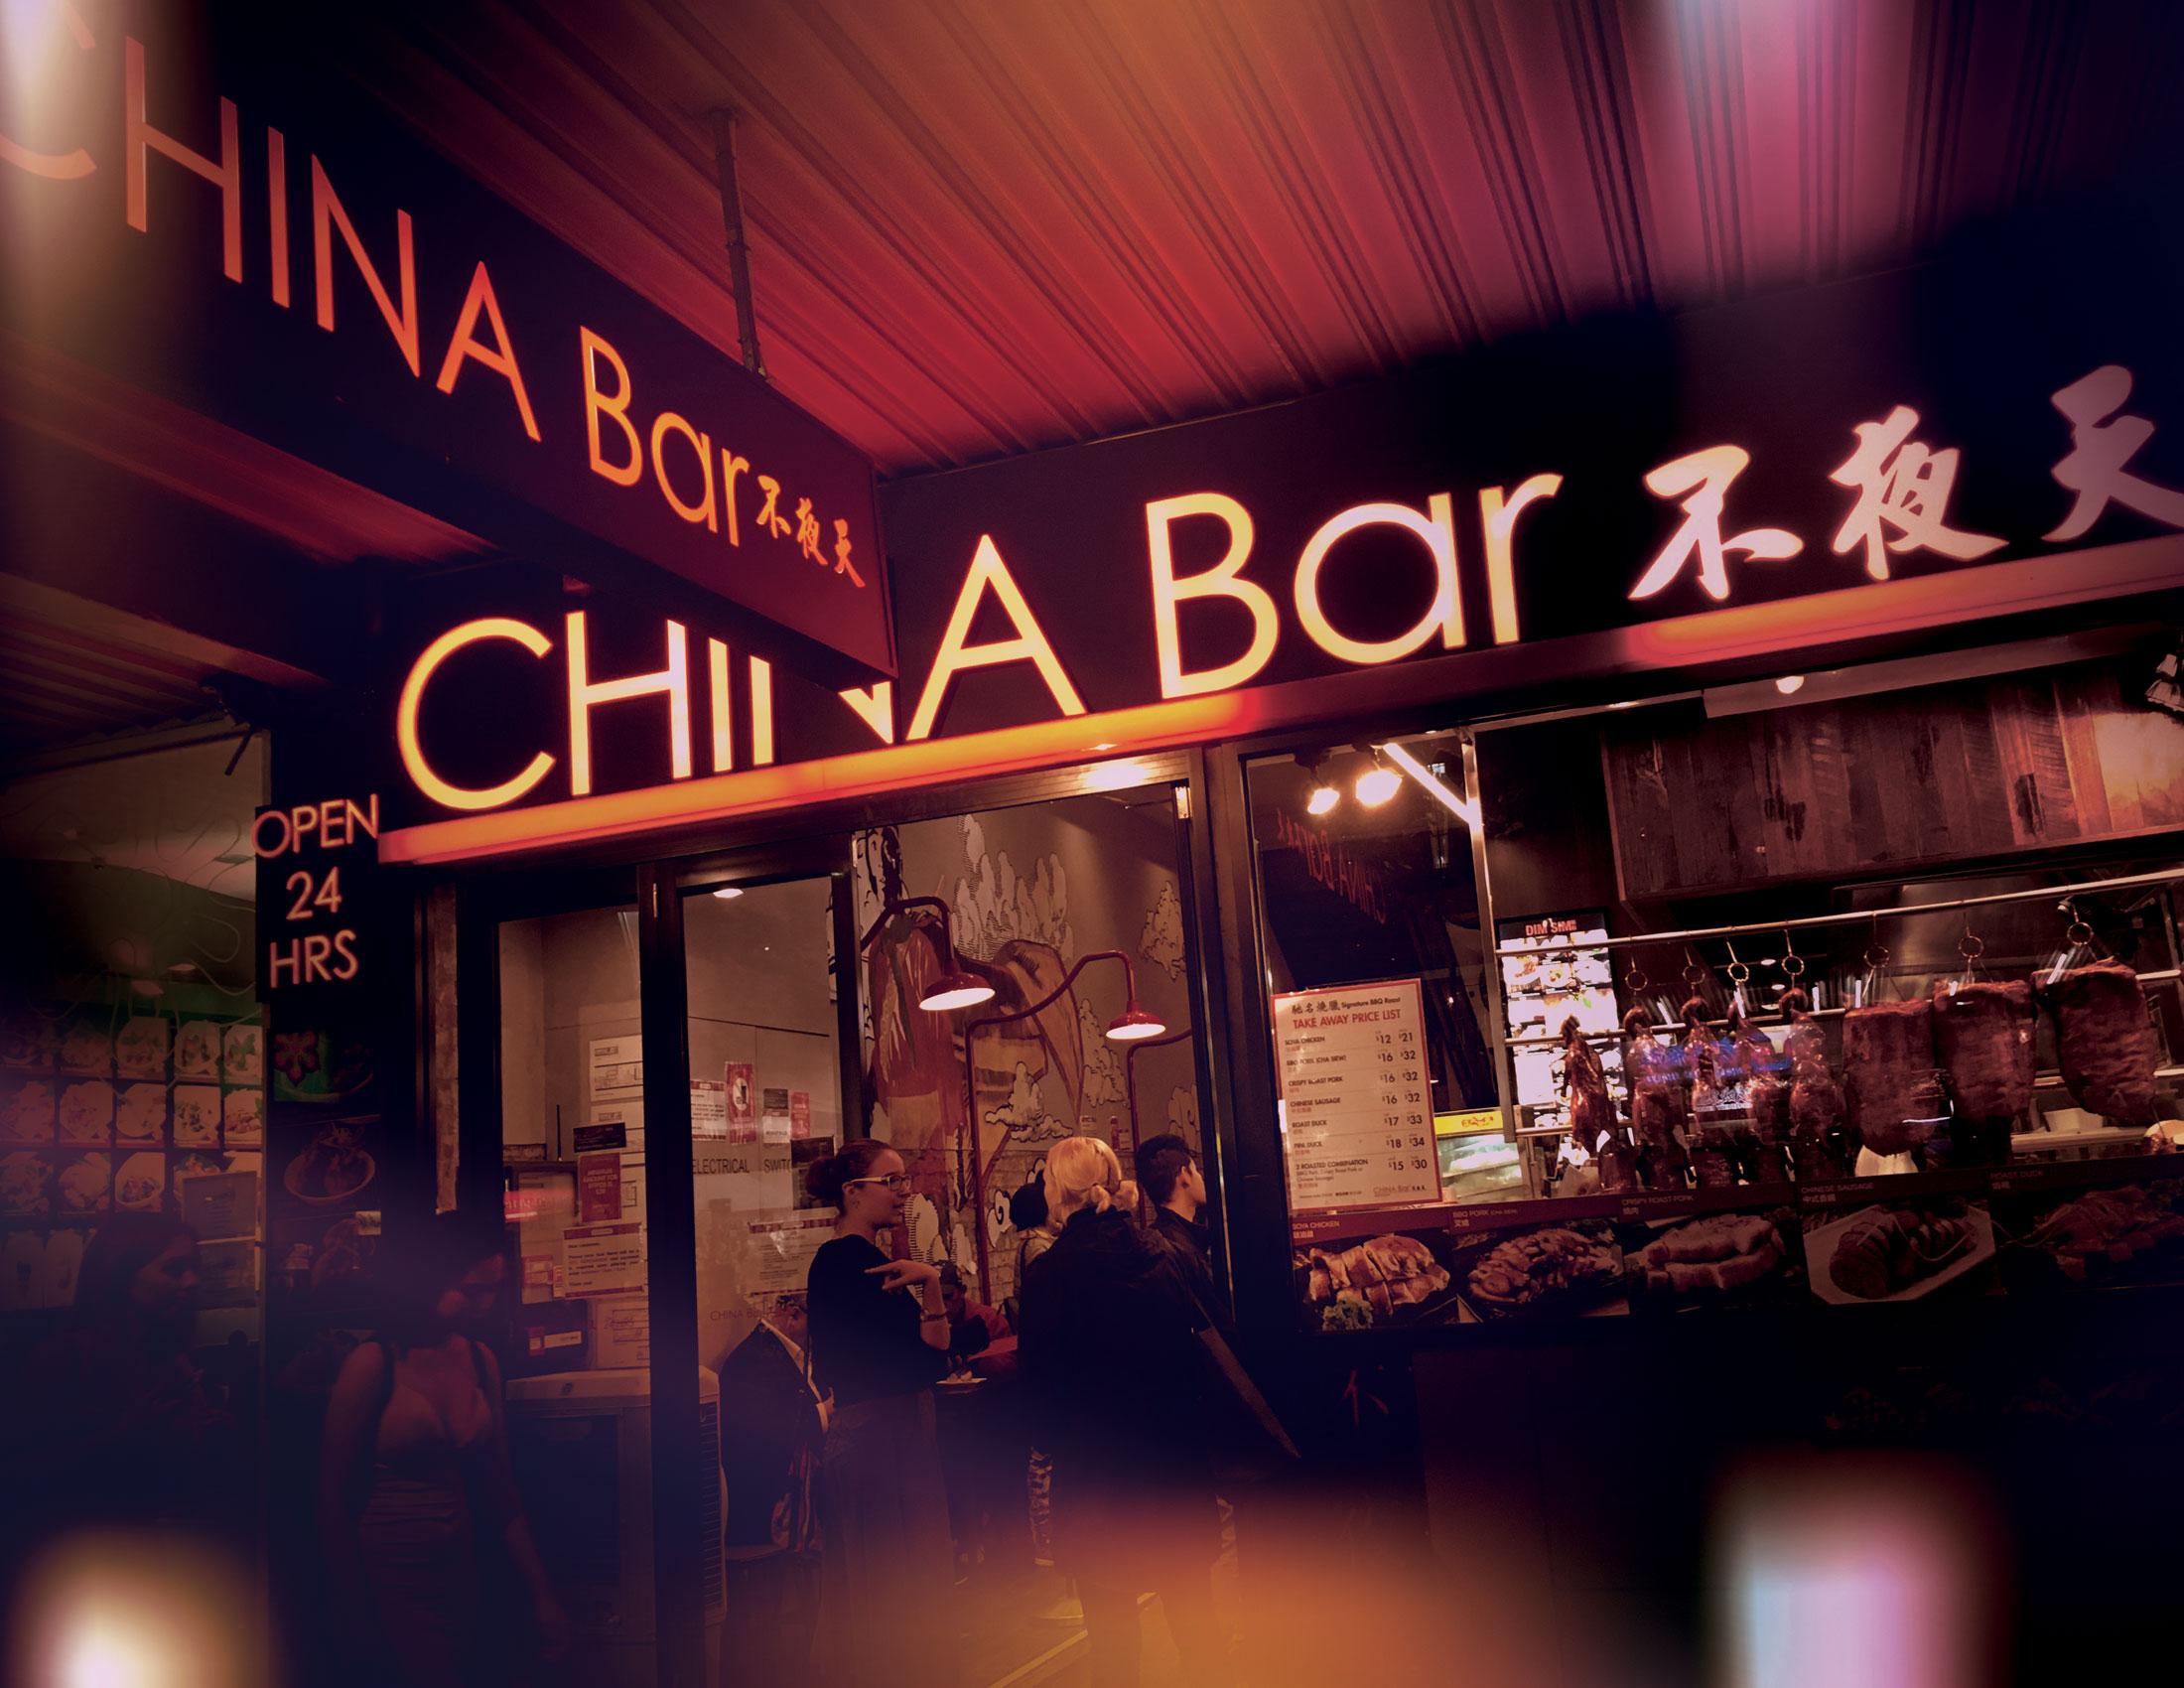 CHINA BAR - CHINA BAR GROUP